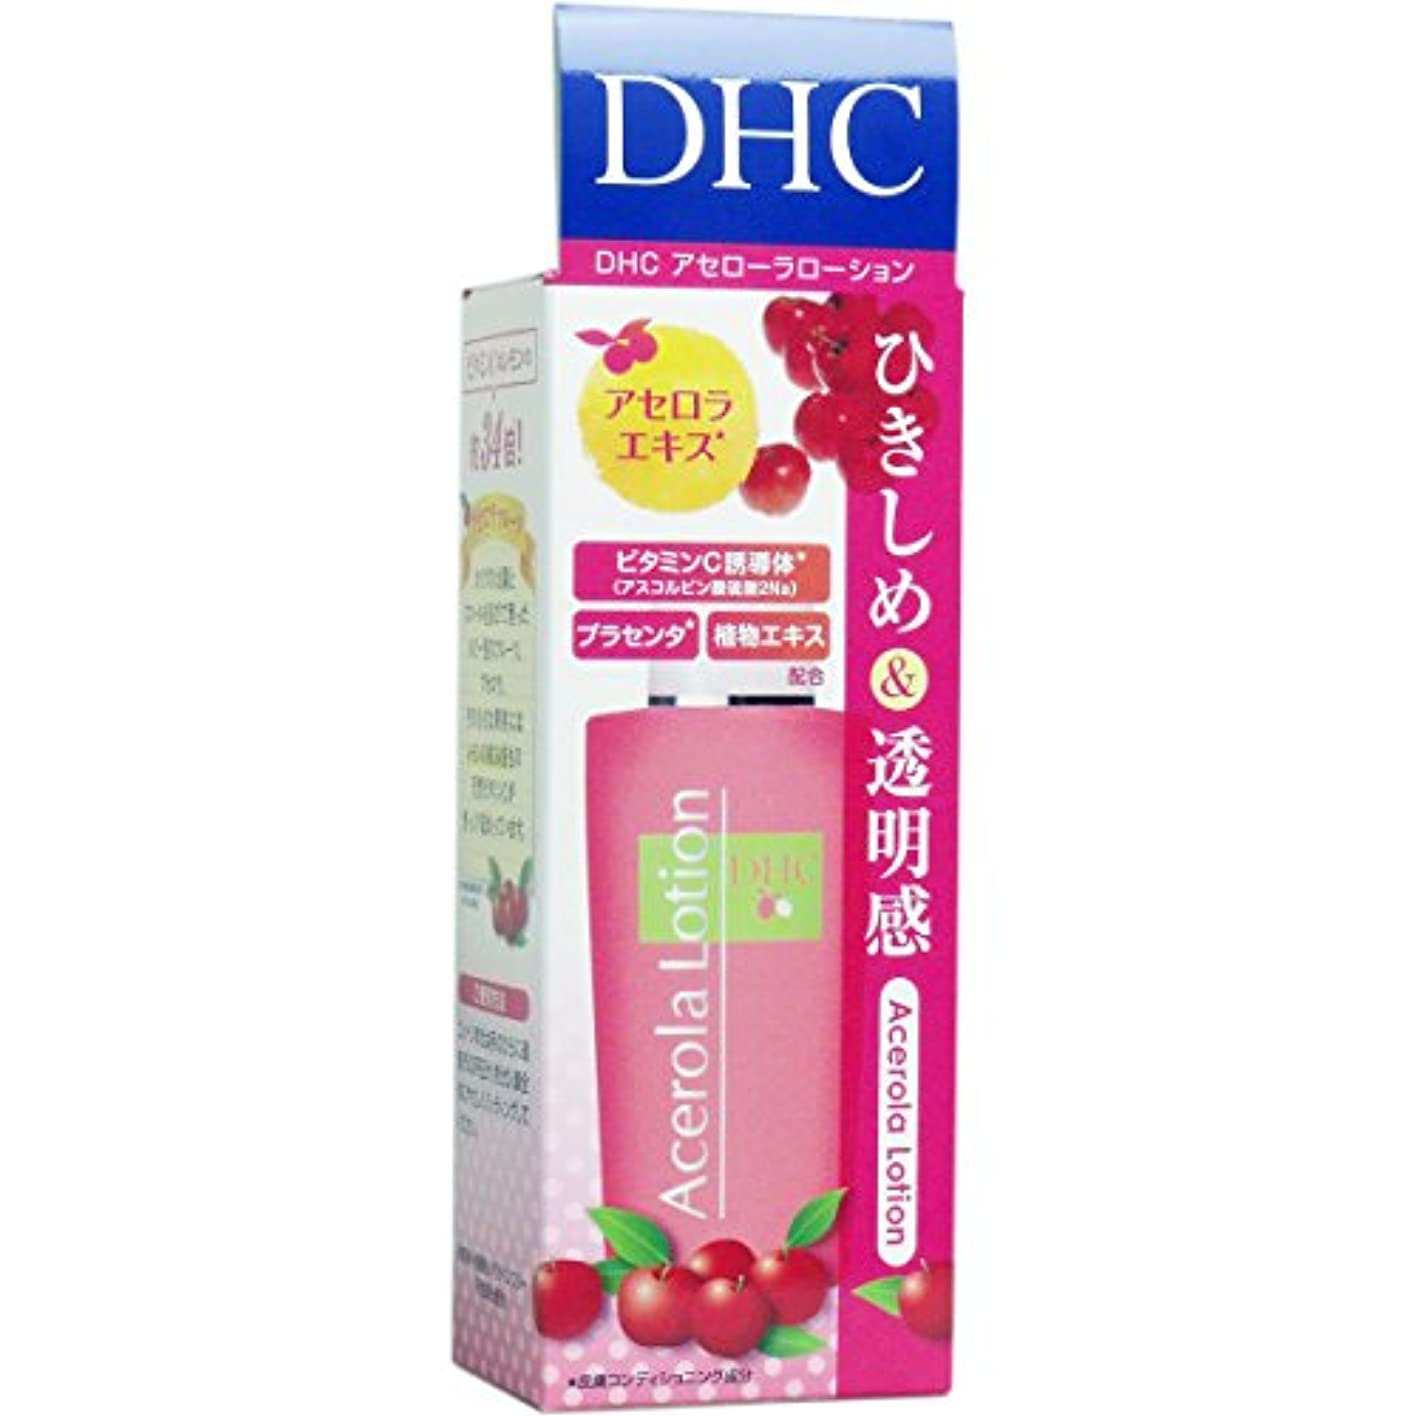 以下シングル発生【DHC】DHC アセローラローション(SS) 40ml ×10個セット